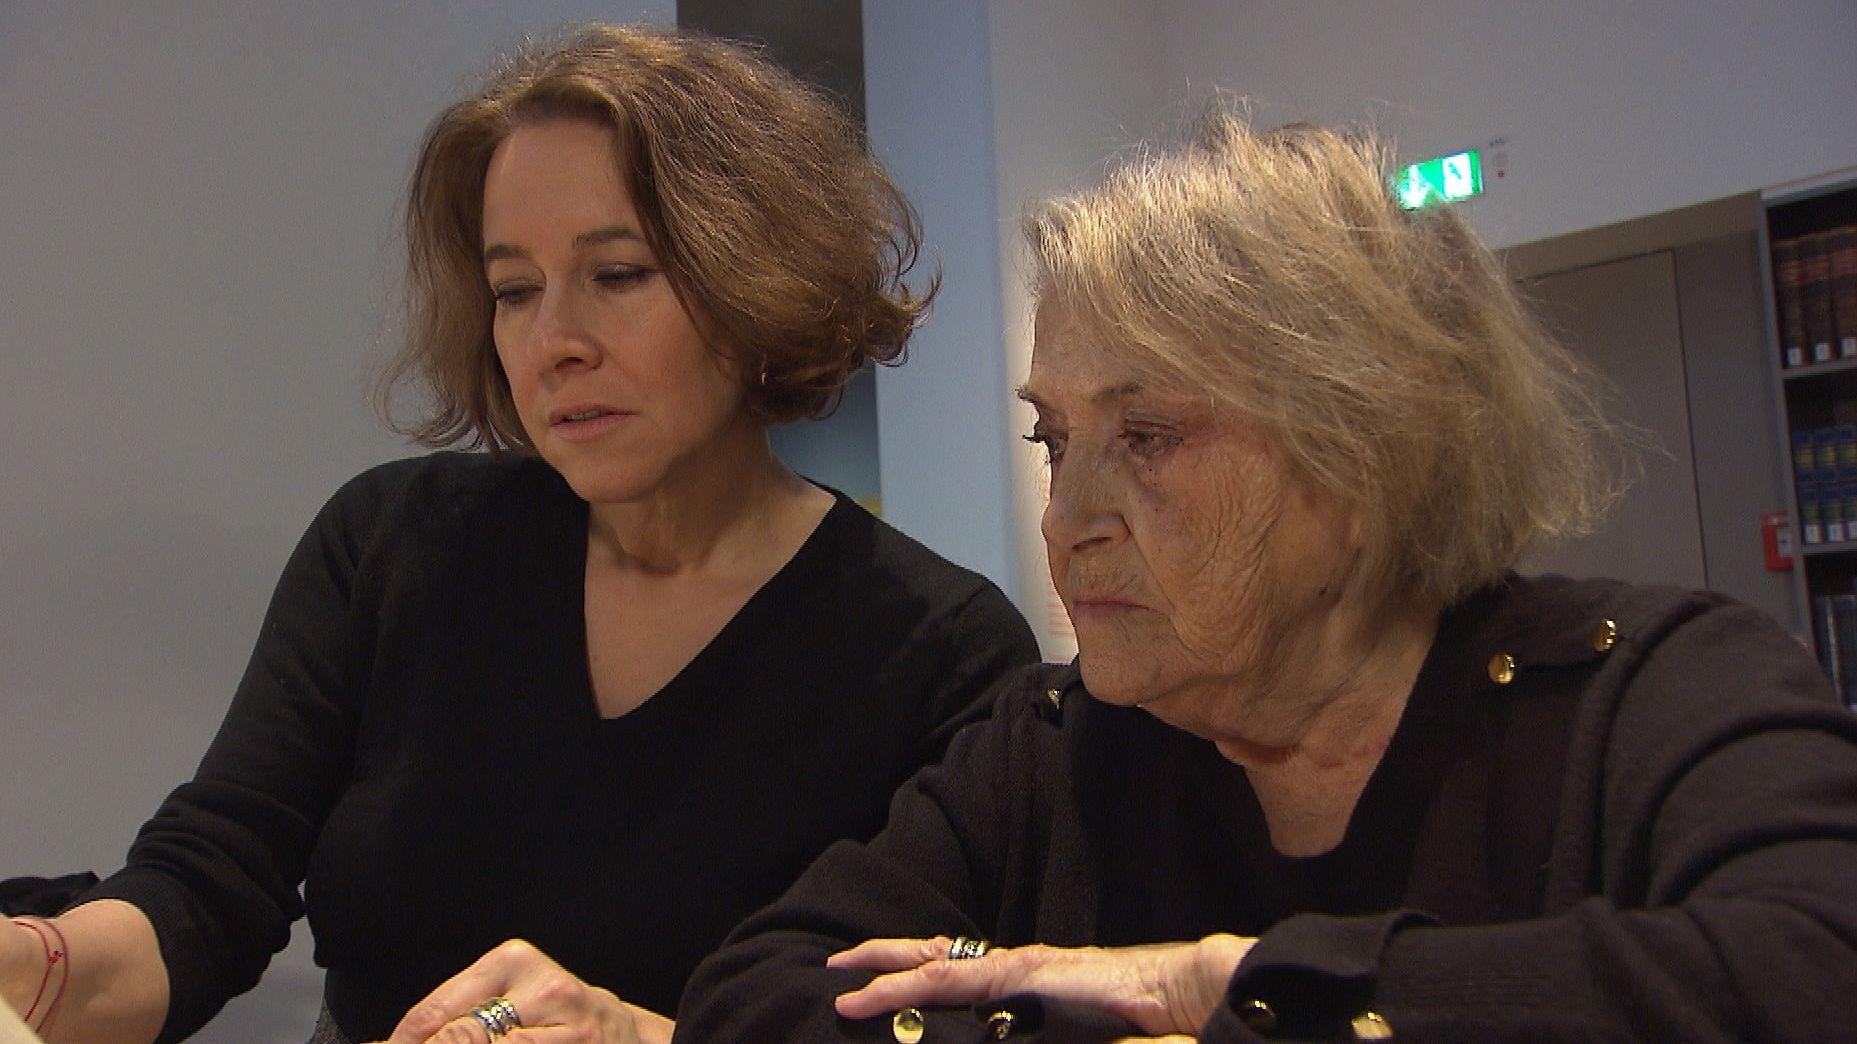 Viele Jahren hat Berthe Spiegelstein, gemeinsam mit ihrer Tochter Rena, darum gekämpft, als Holocaust-Überlebende Sozialhilfe zu bekommen.